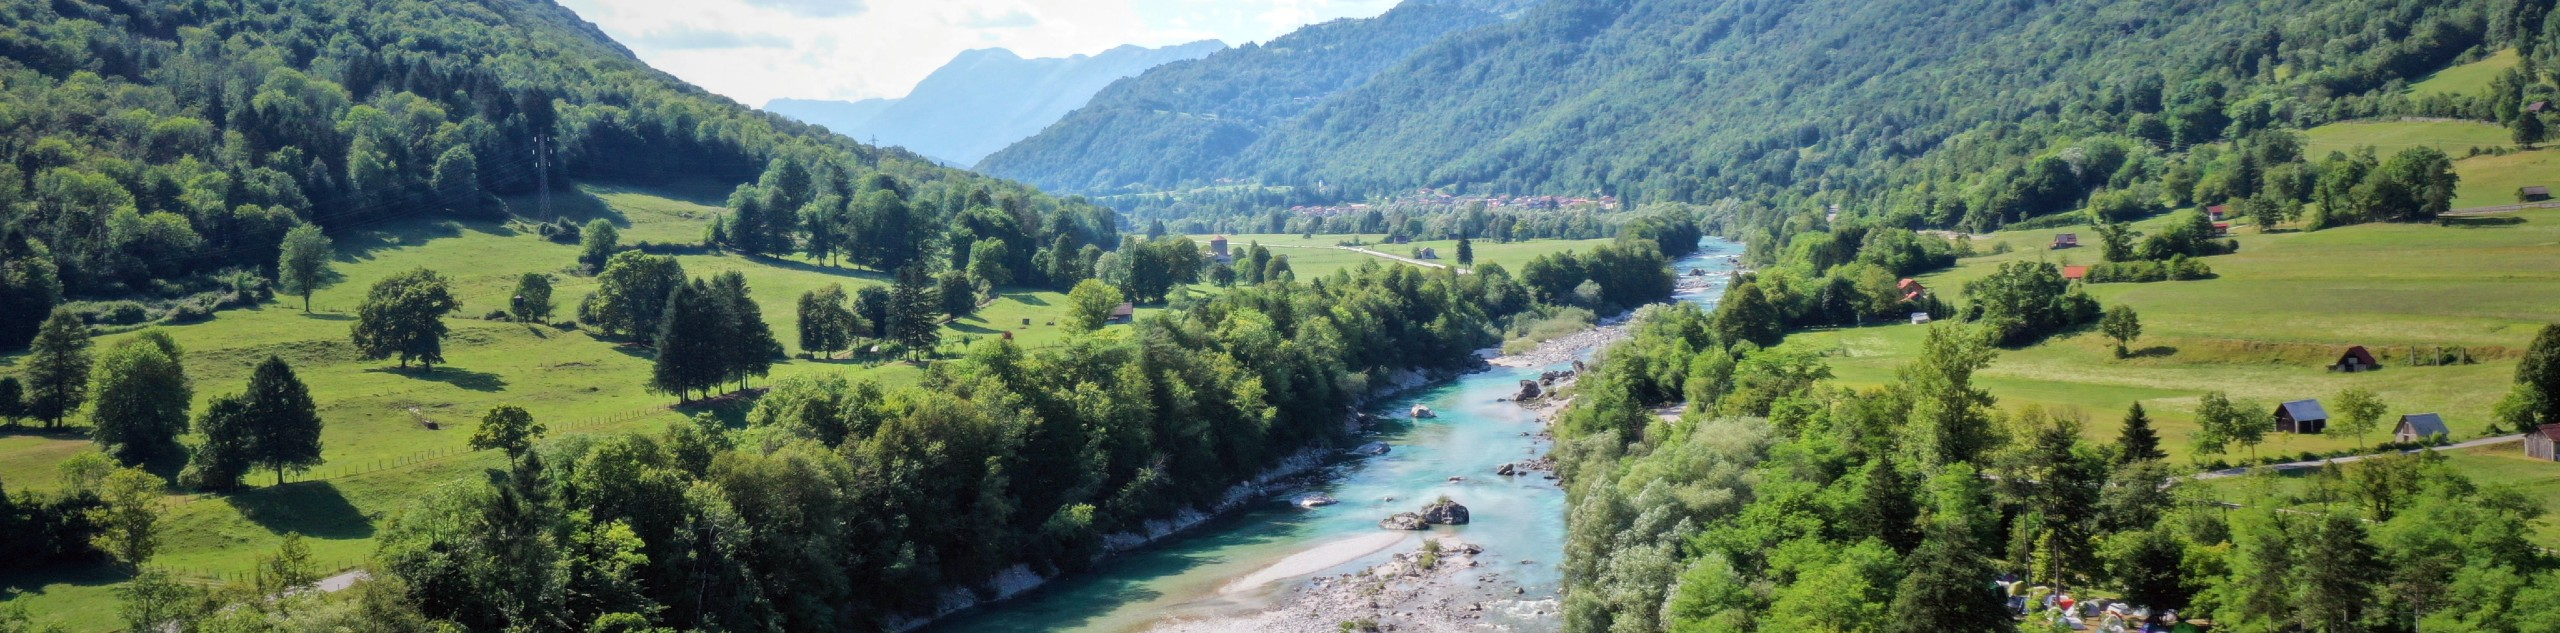 Guided Trans-Slovenia Mountain Bike Tour